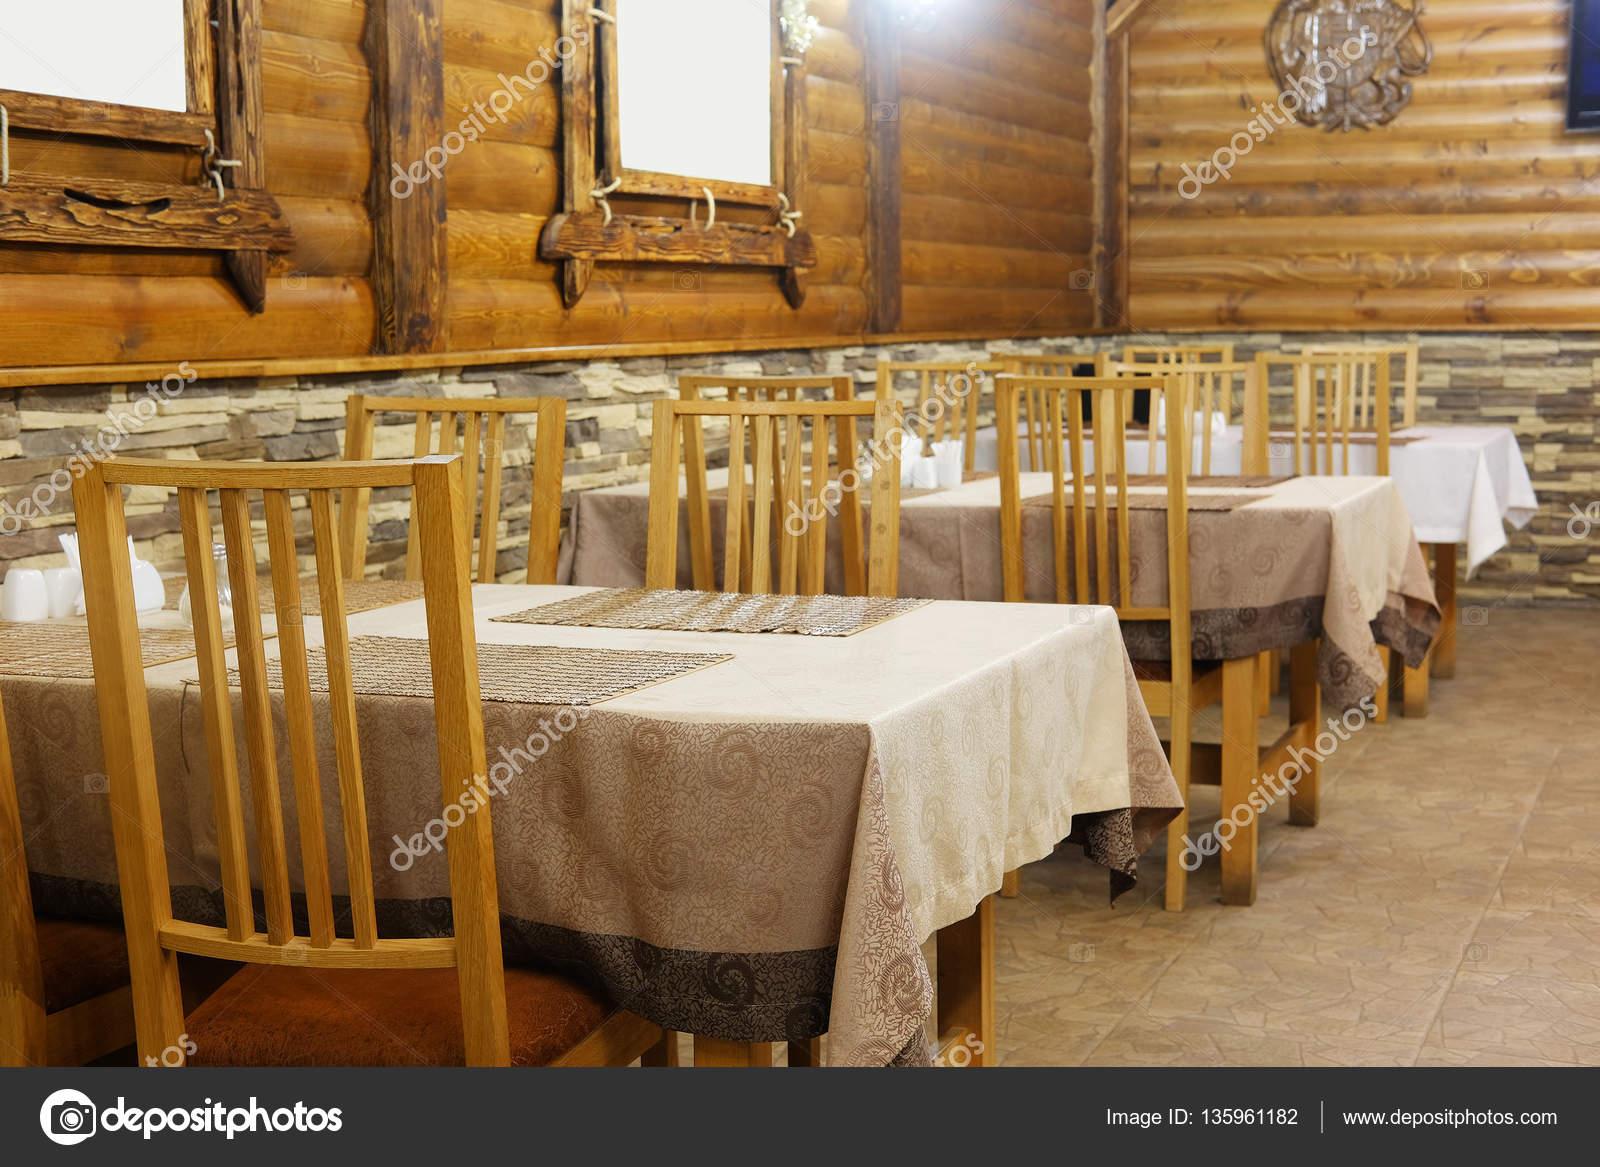 Interieur van een café in een houten huis u stockfoto uatp